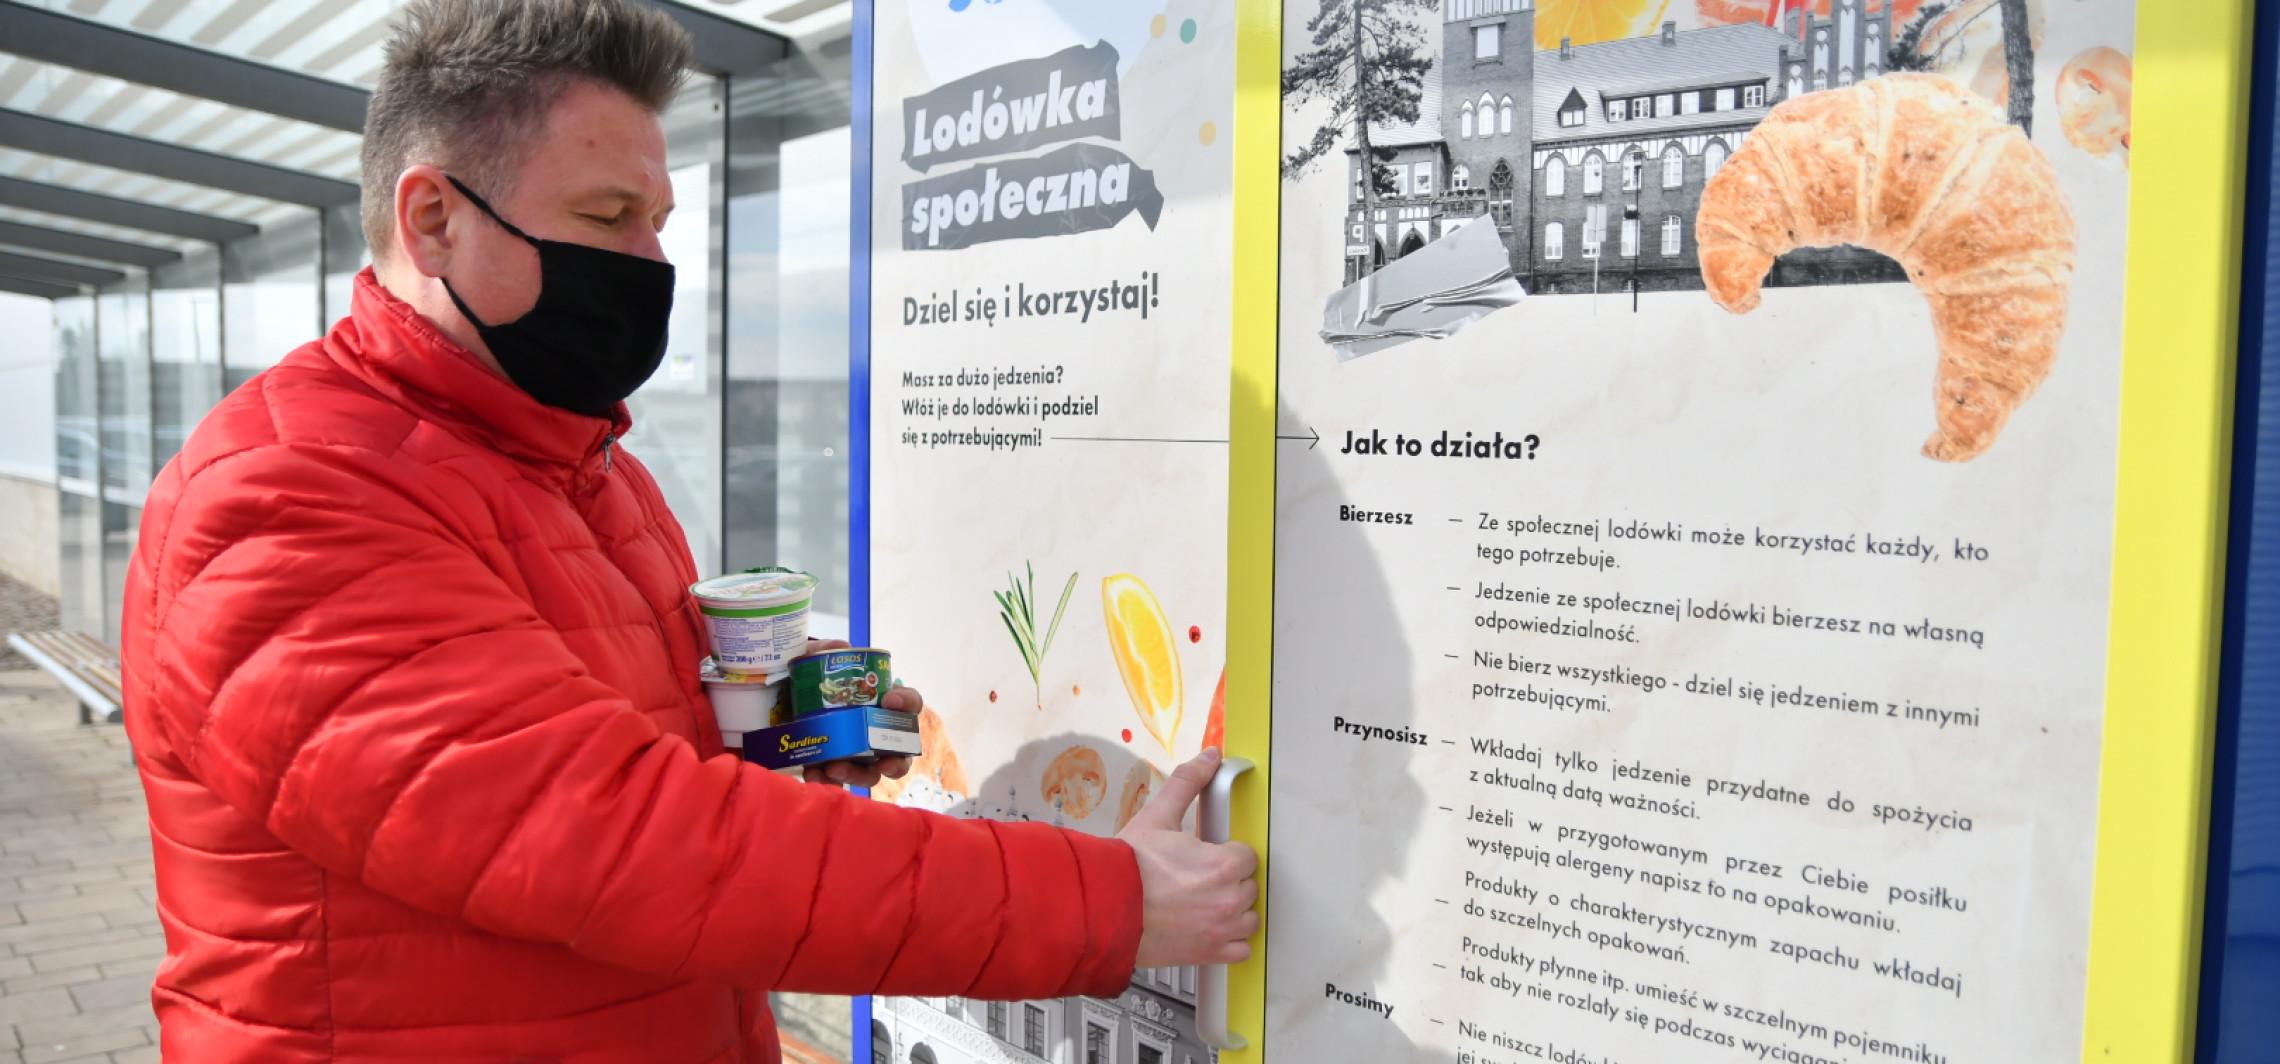 Inowrocław - Lodówka społeczna cieszy się dużą popularnością